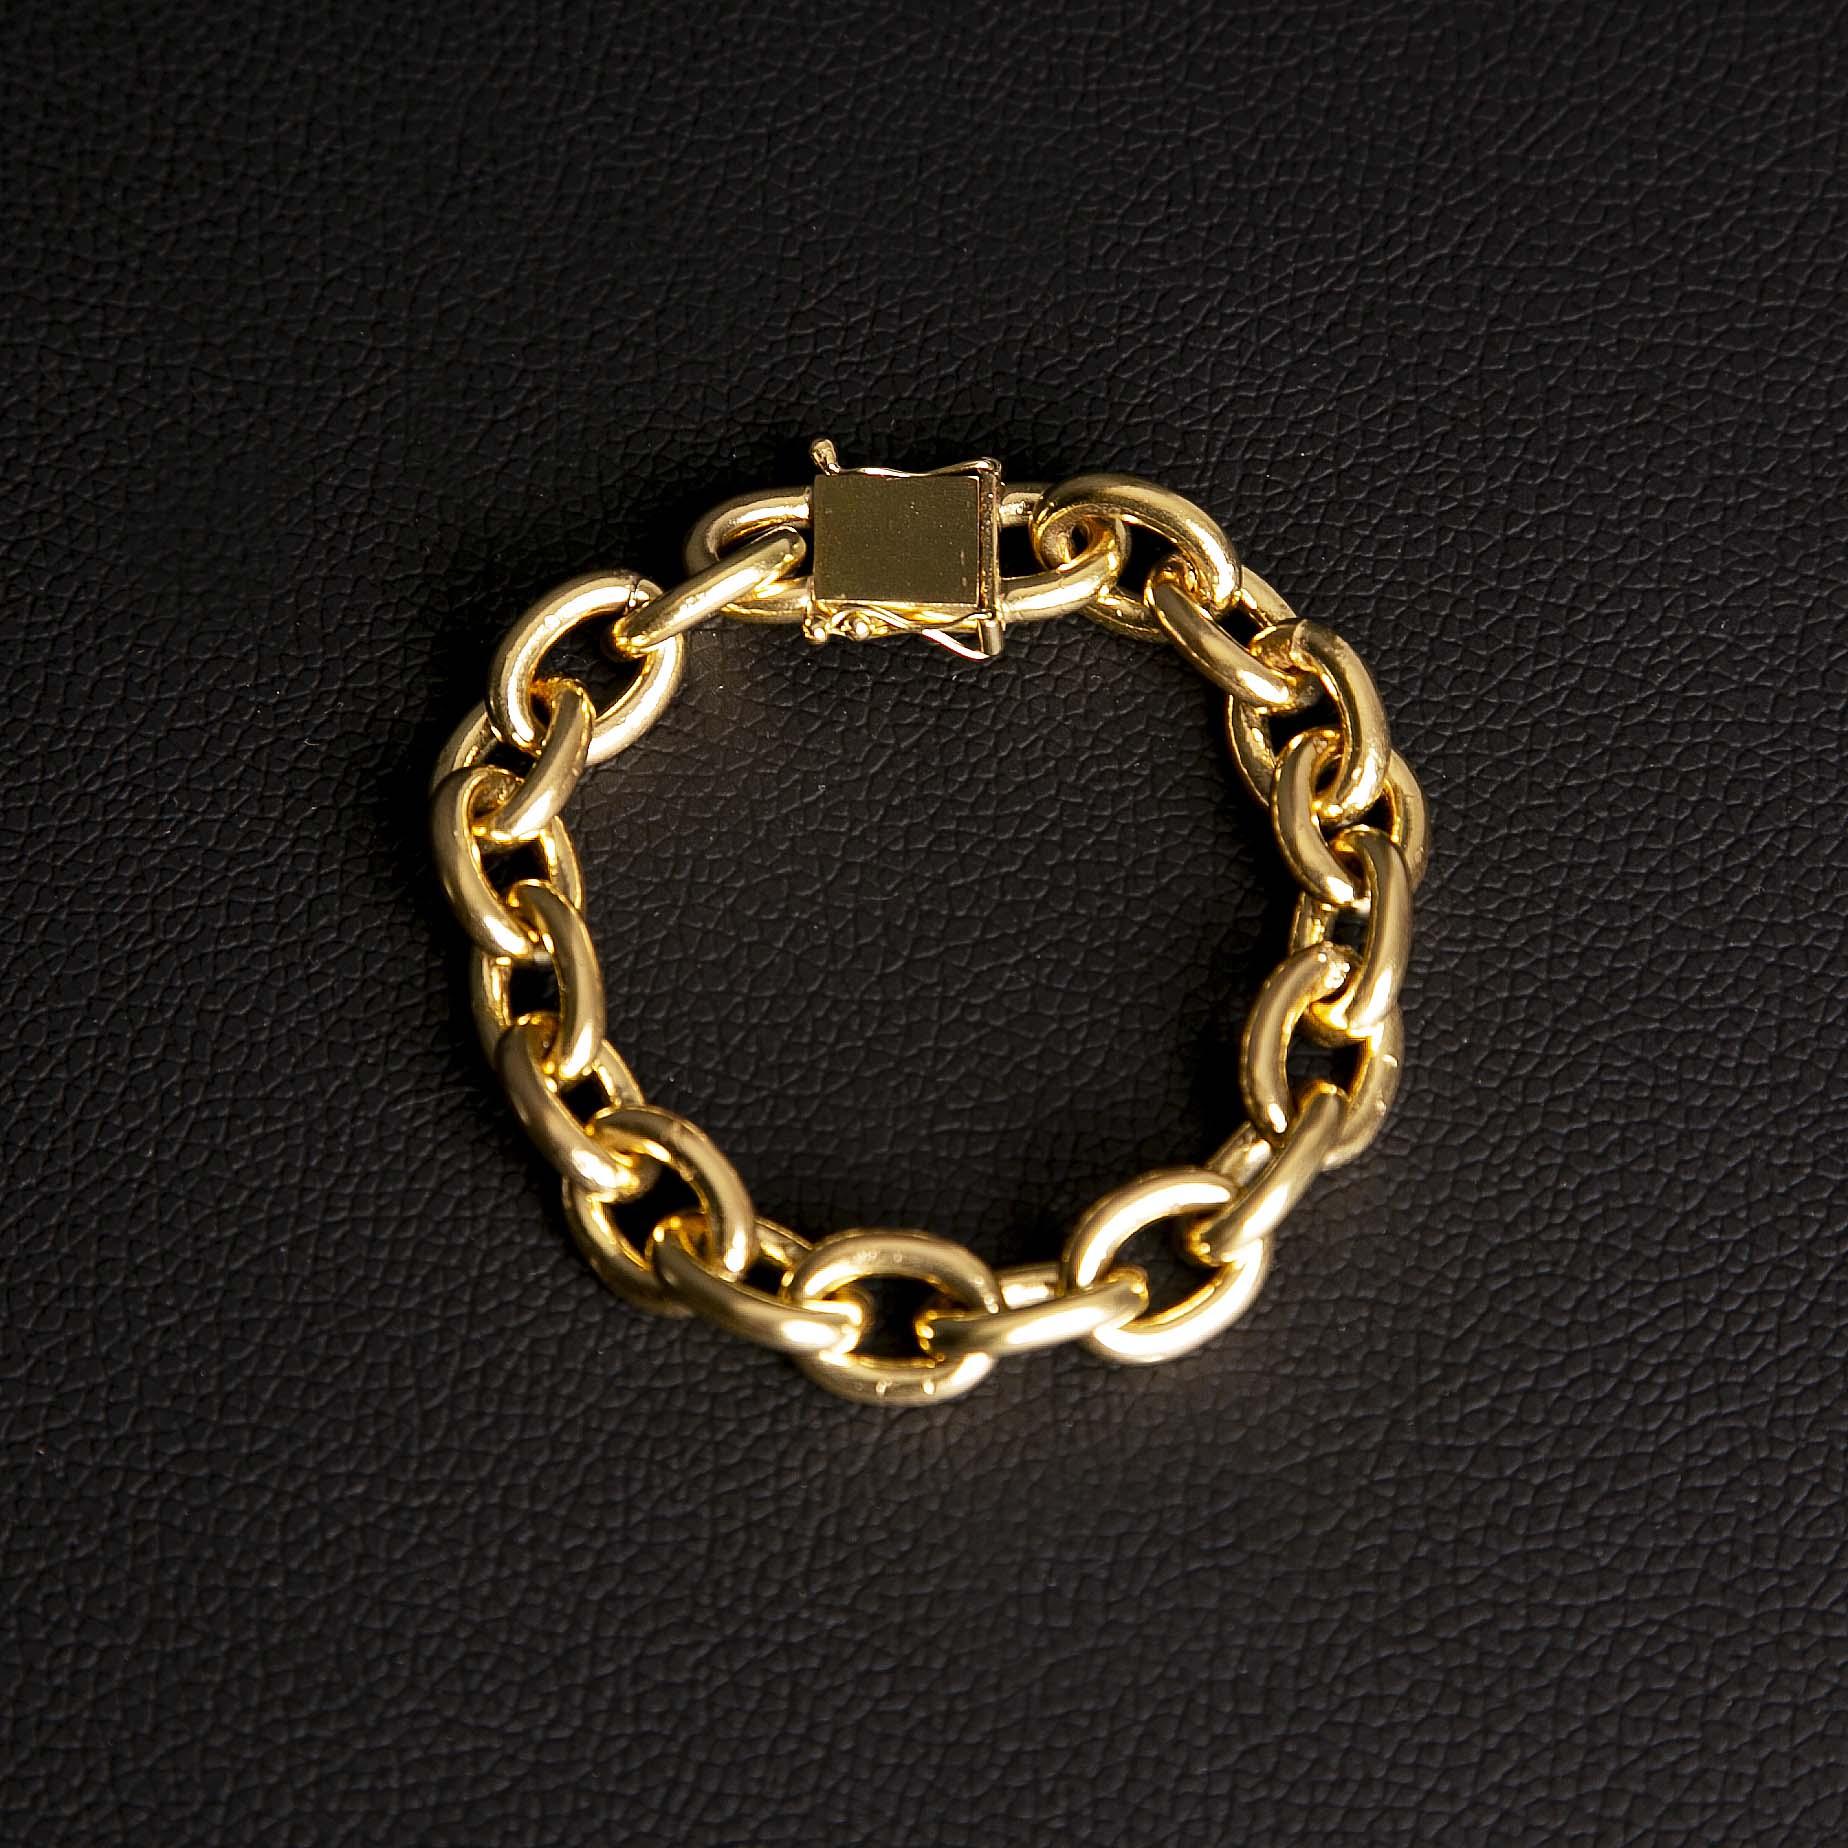 Pulseira cadeado 12mm feito de moeda antiga